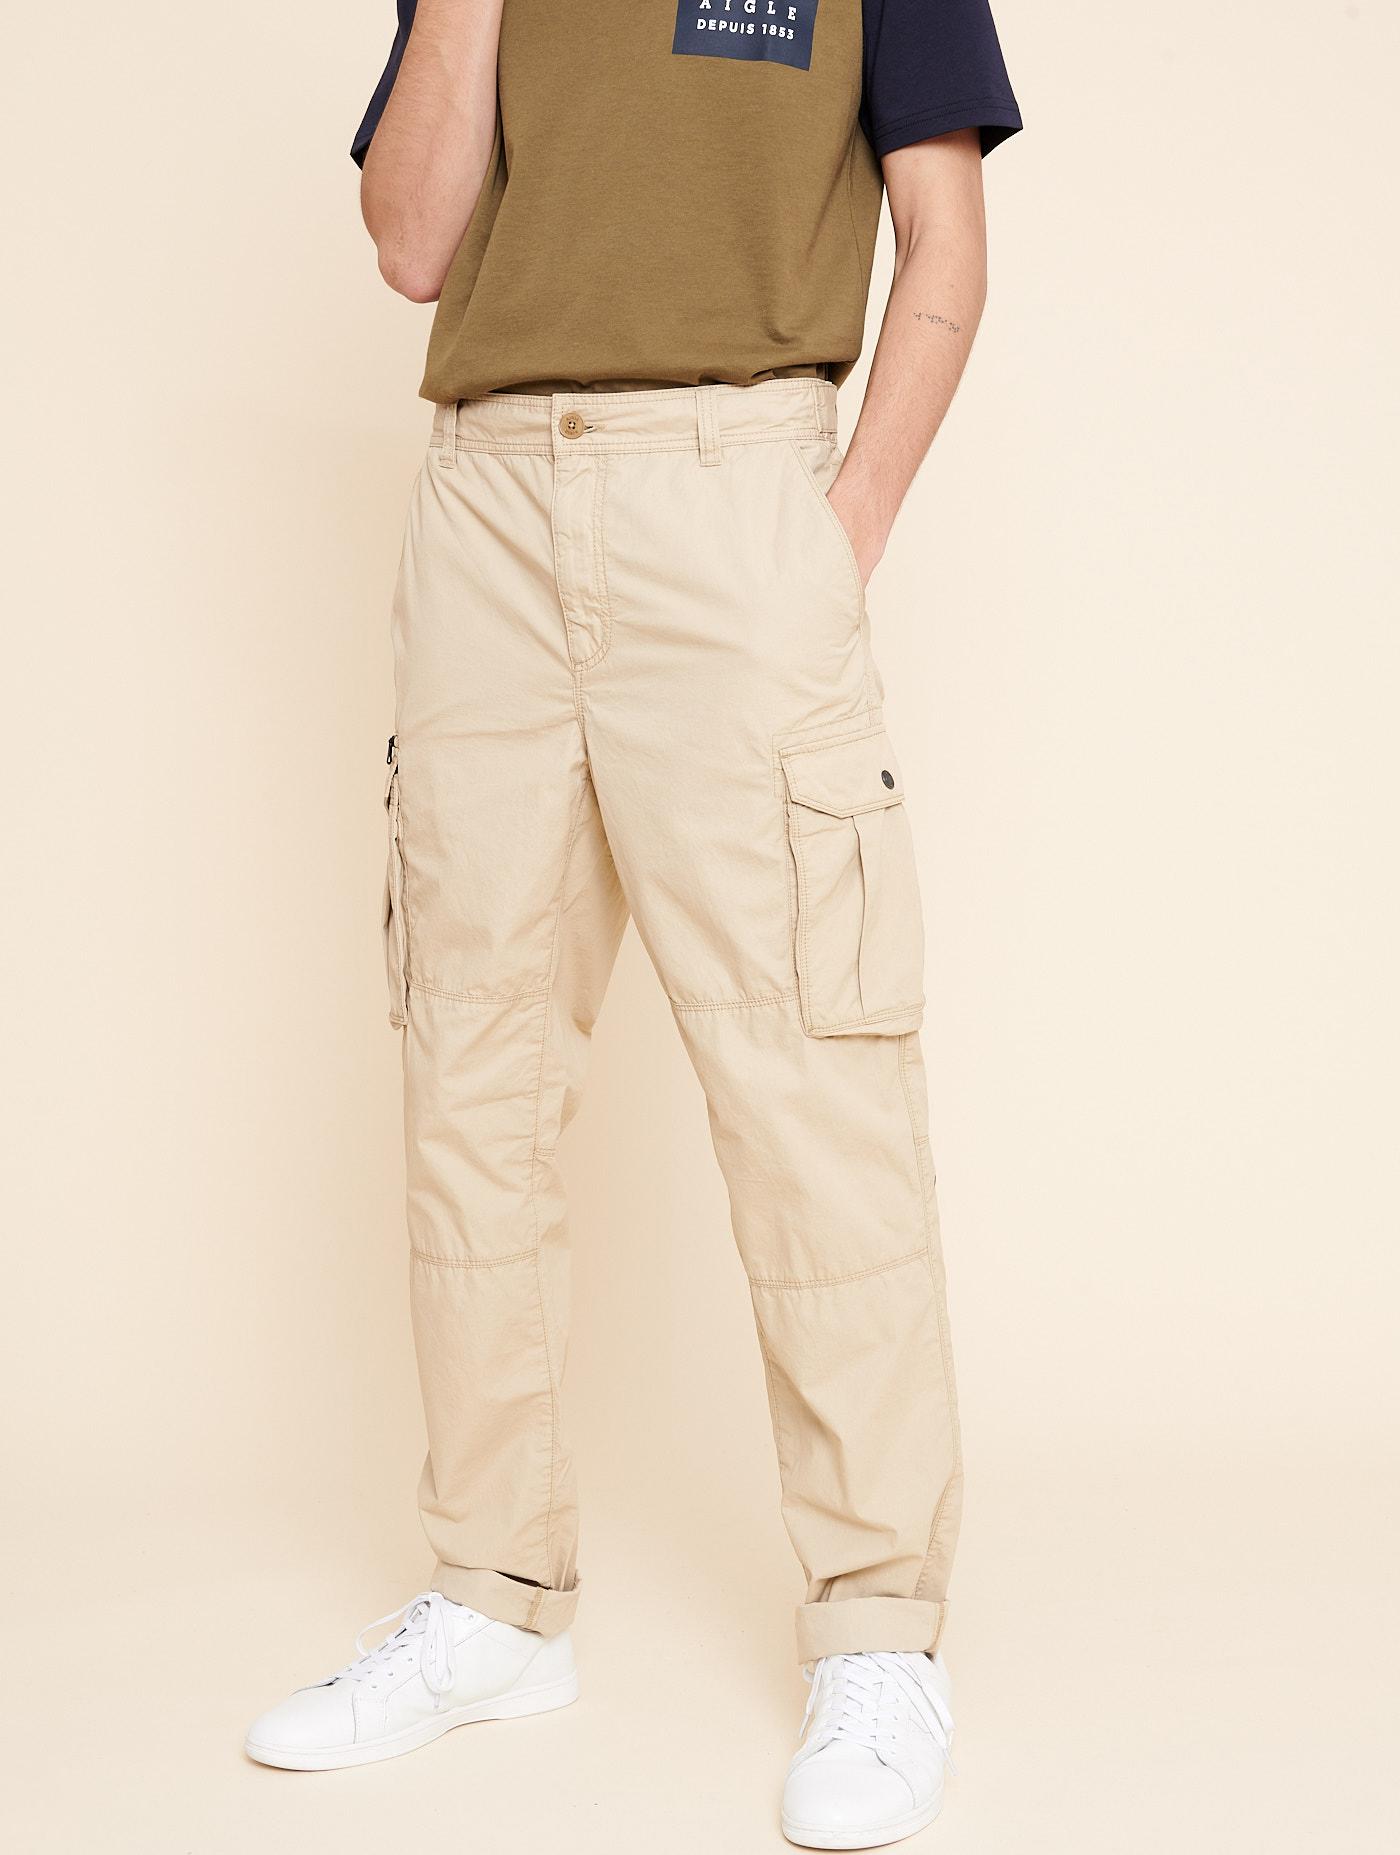 pantalon cargo homme aigle